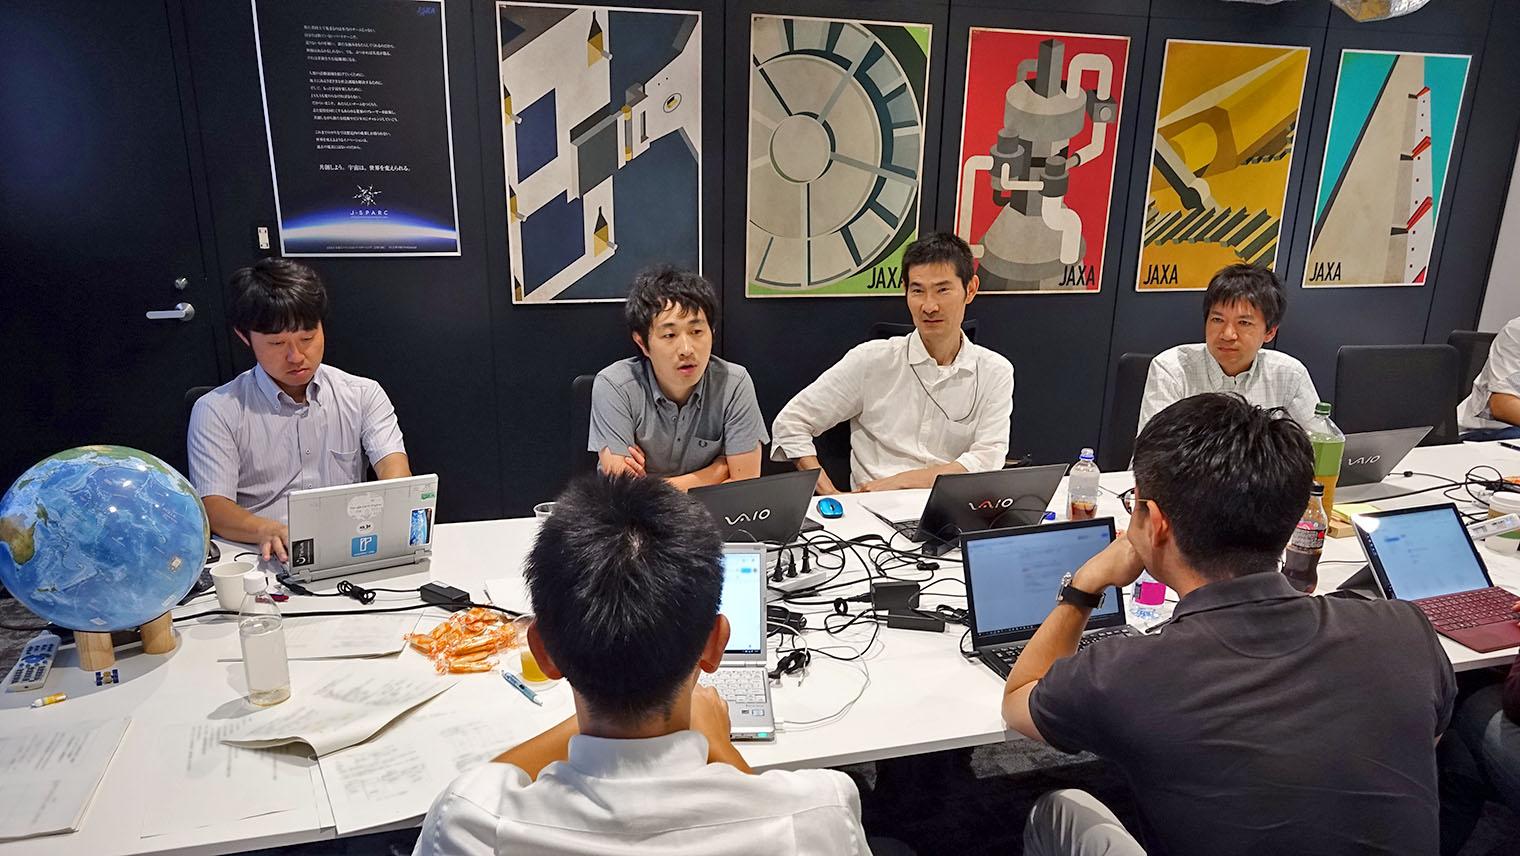 会議室の机の上にノートパソコンや資料を広げてプロジェクトメンバーが話し合っている写真